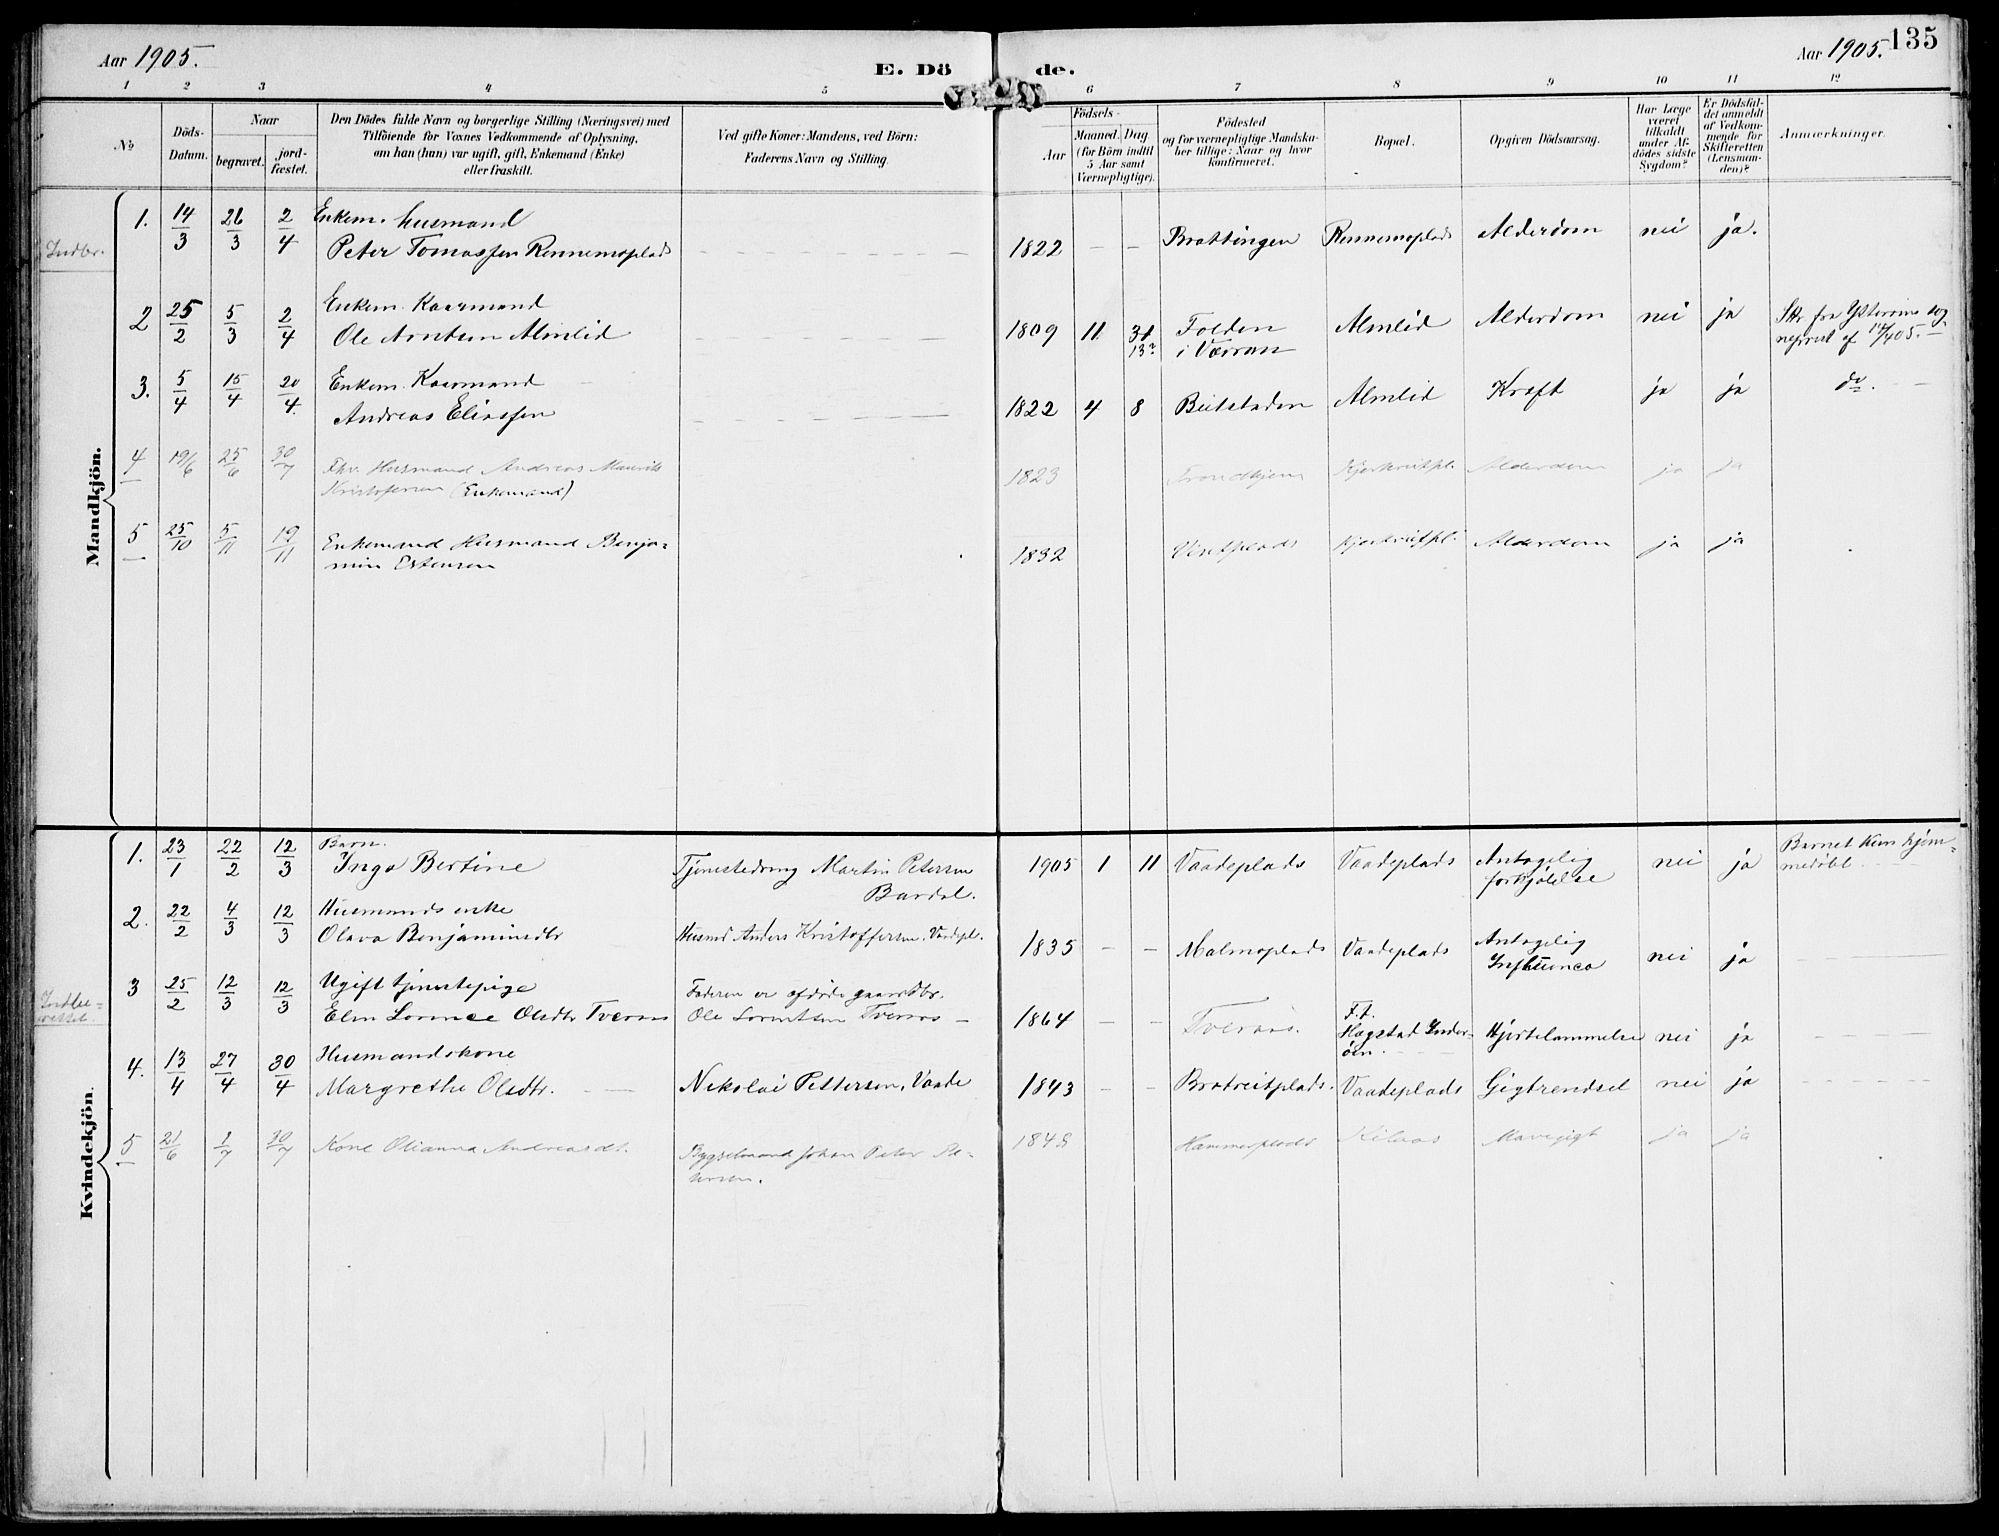 SAT, Ministerialprotokoller, klokkerbøker og fødselsregistre - Nord-Trøndelag, 745/L0430: Ministerialbok nr. 745A02, 1895-1913, s. 135